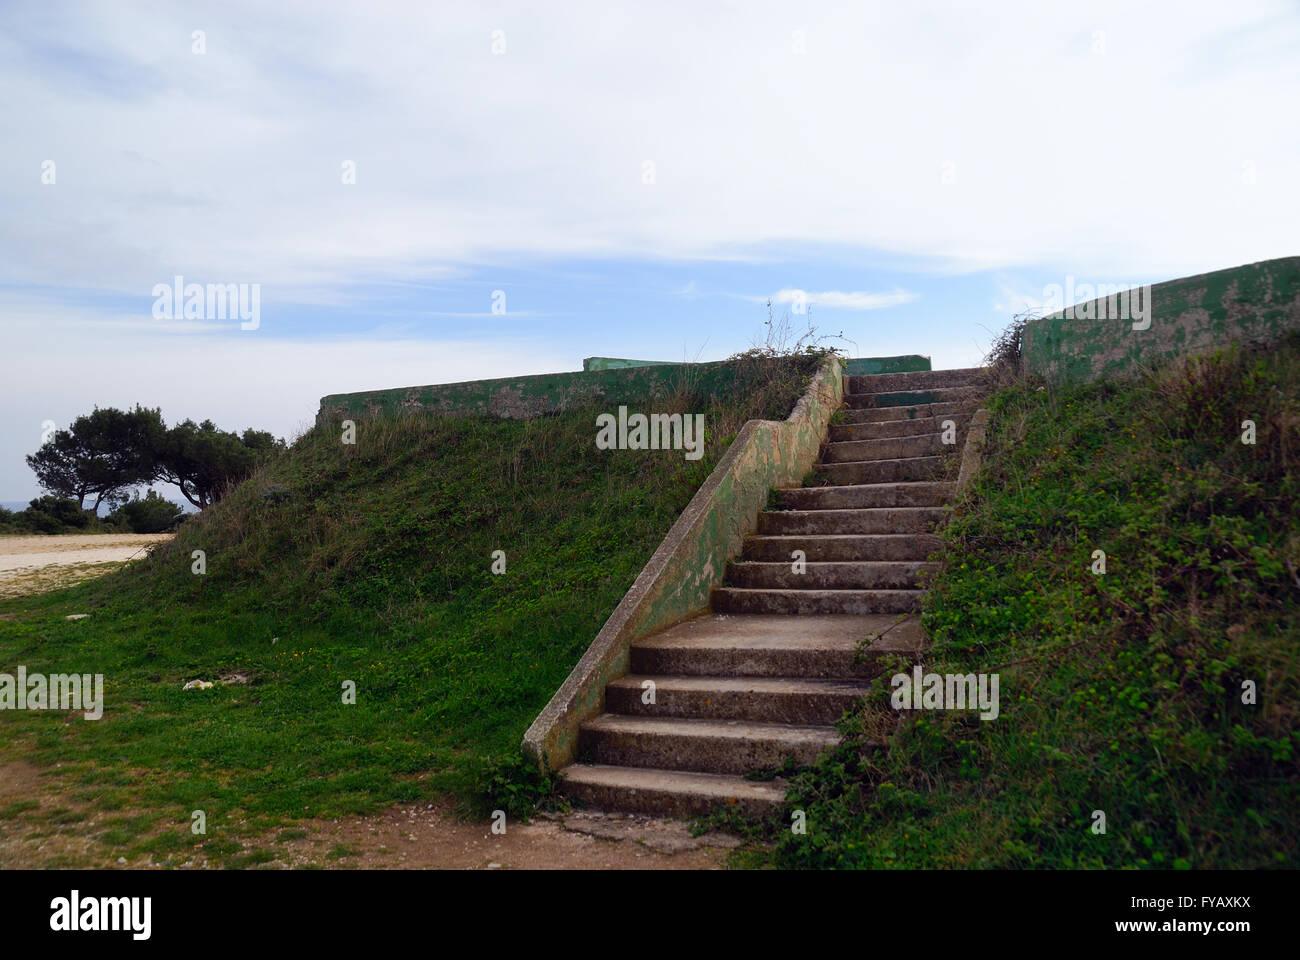 Cape Premantura, Istria, Croacia. Ex Yugoslavia estructuras militares se remonta a los años de la guerra fría. Imagen De Stock